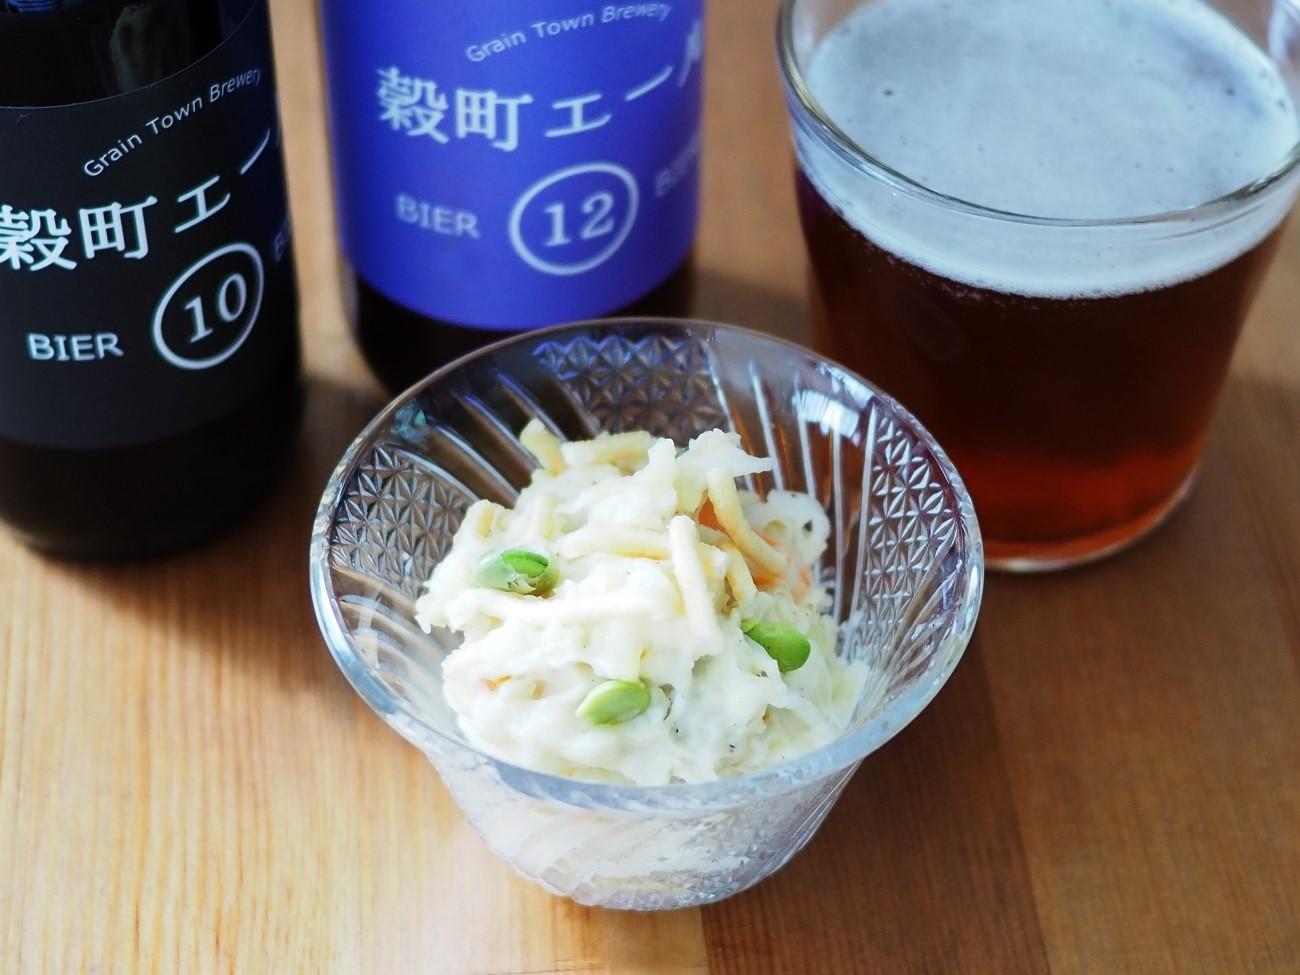 ざくざくポテトサラダとビール